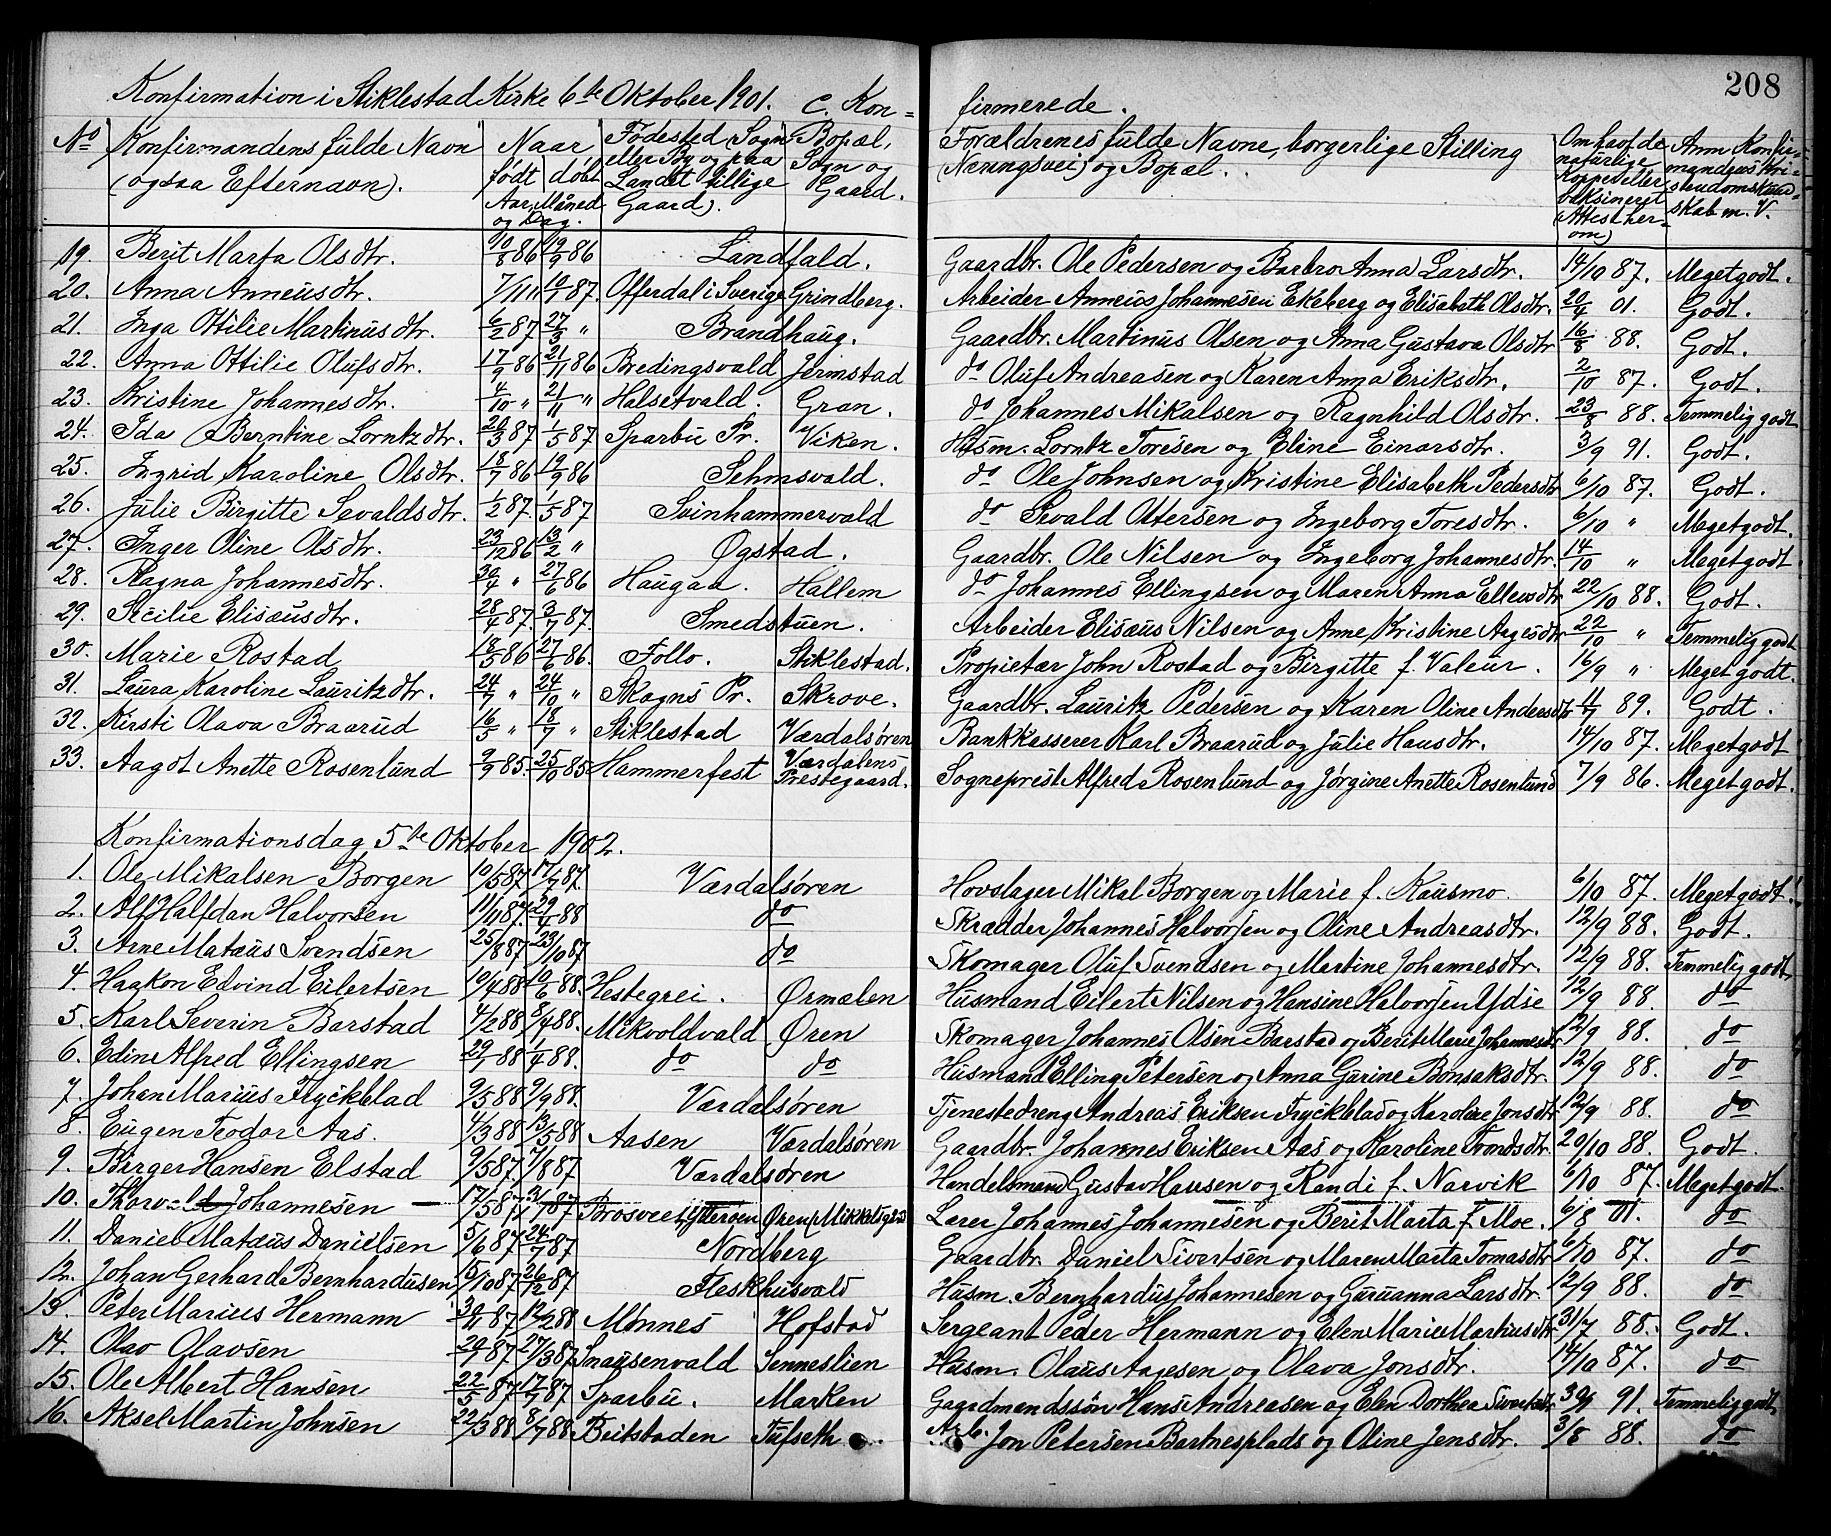 SAT, Ministerialprotokoller, klokkerbøker og fødselsregistre - Nord-Trøndelag, 723/L0257: Klokkerbok nr. 723C05, 1890-1907, s. 208